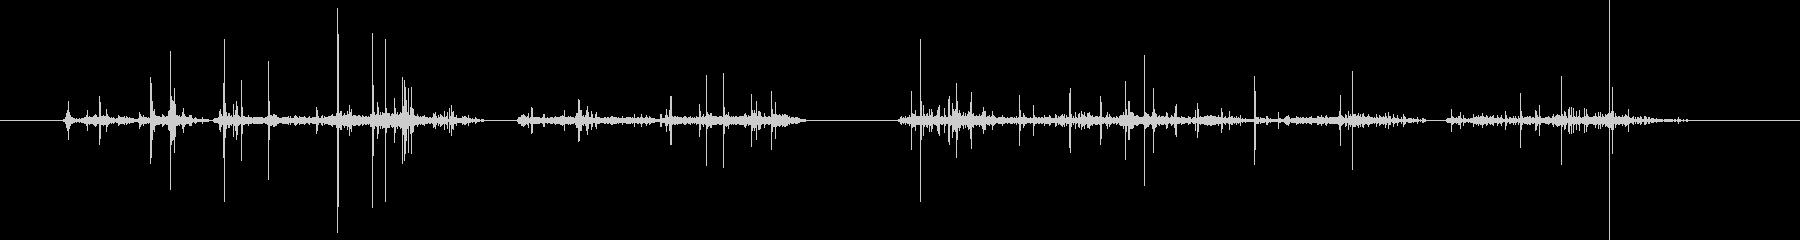 紙 クシャクシャ04の未再生の波形